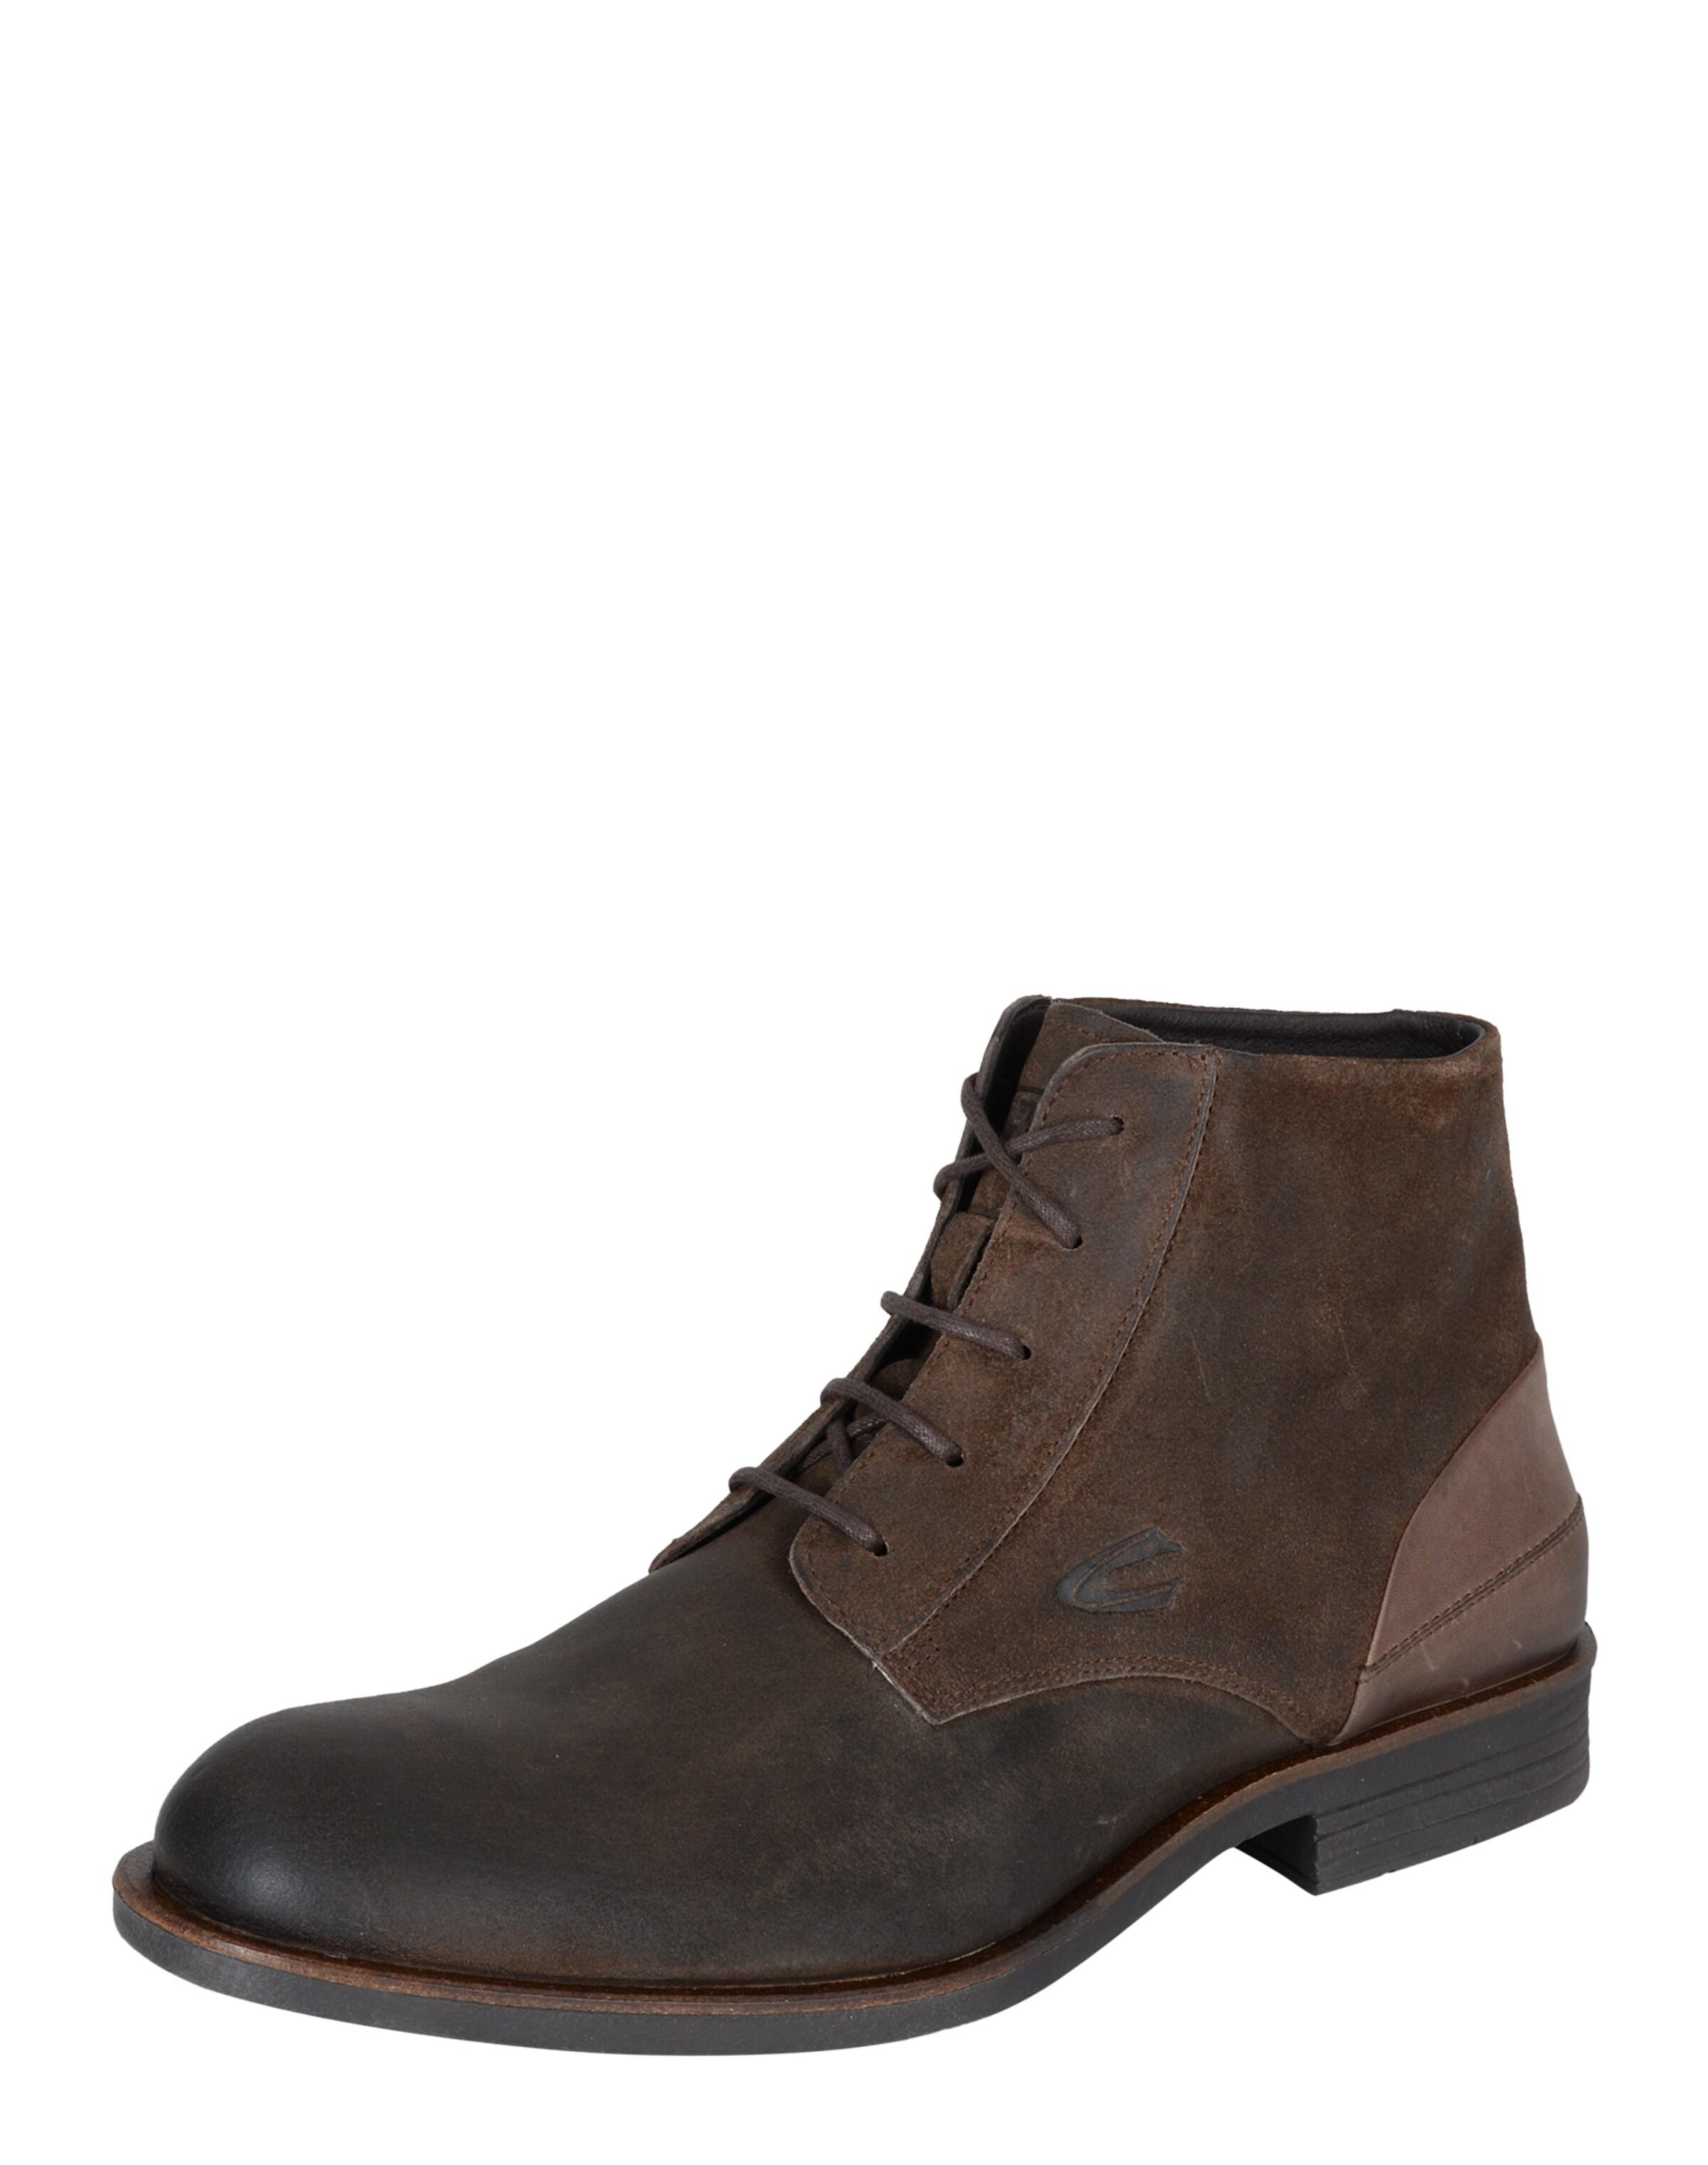 CAMEL ACTIVE | Schnürboots 'Check 12' Schuhe Gut getragene Schuhe